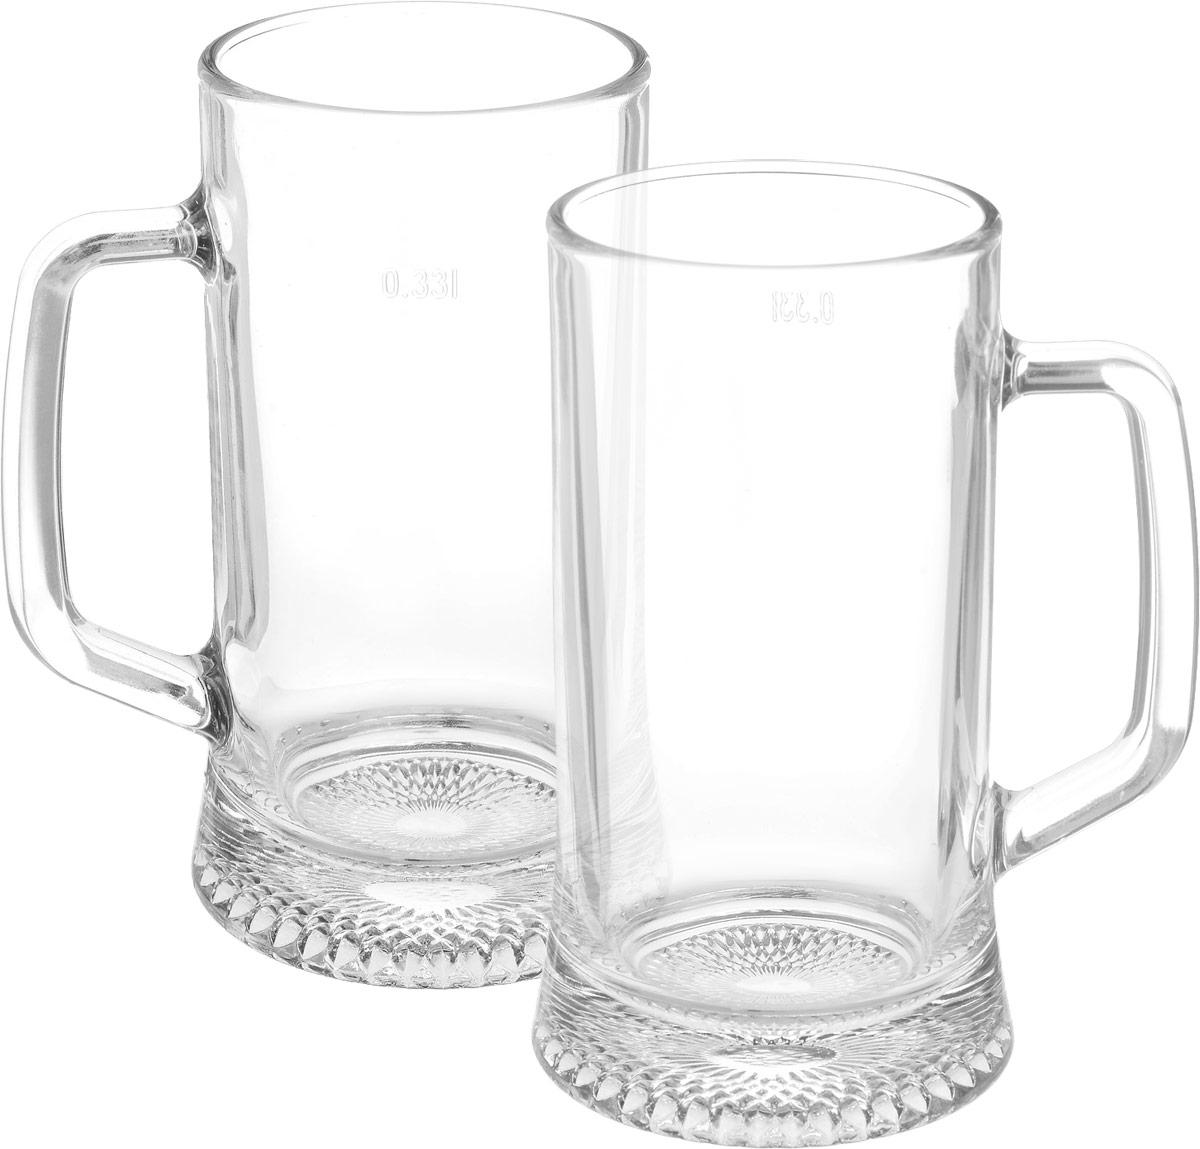 Набор состоит из двух кружек, предназначенных для пива, которые изготовлены из ударопрочного стекла. Можно мыть в посудомоечной машине. Объем кружки: 330 мл.  УВАЖАЕМЫЕ КЛИЕНТЫ!  Обращаем ваше внимание на возможные изменения в дизайне товара. Поставка осуществляется в зависимости от наличия на складе.